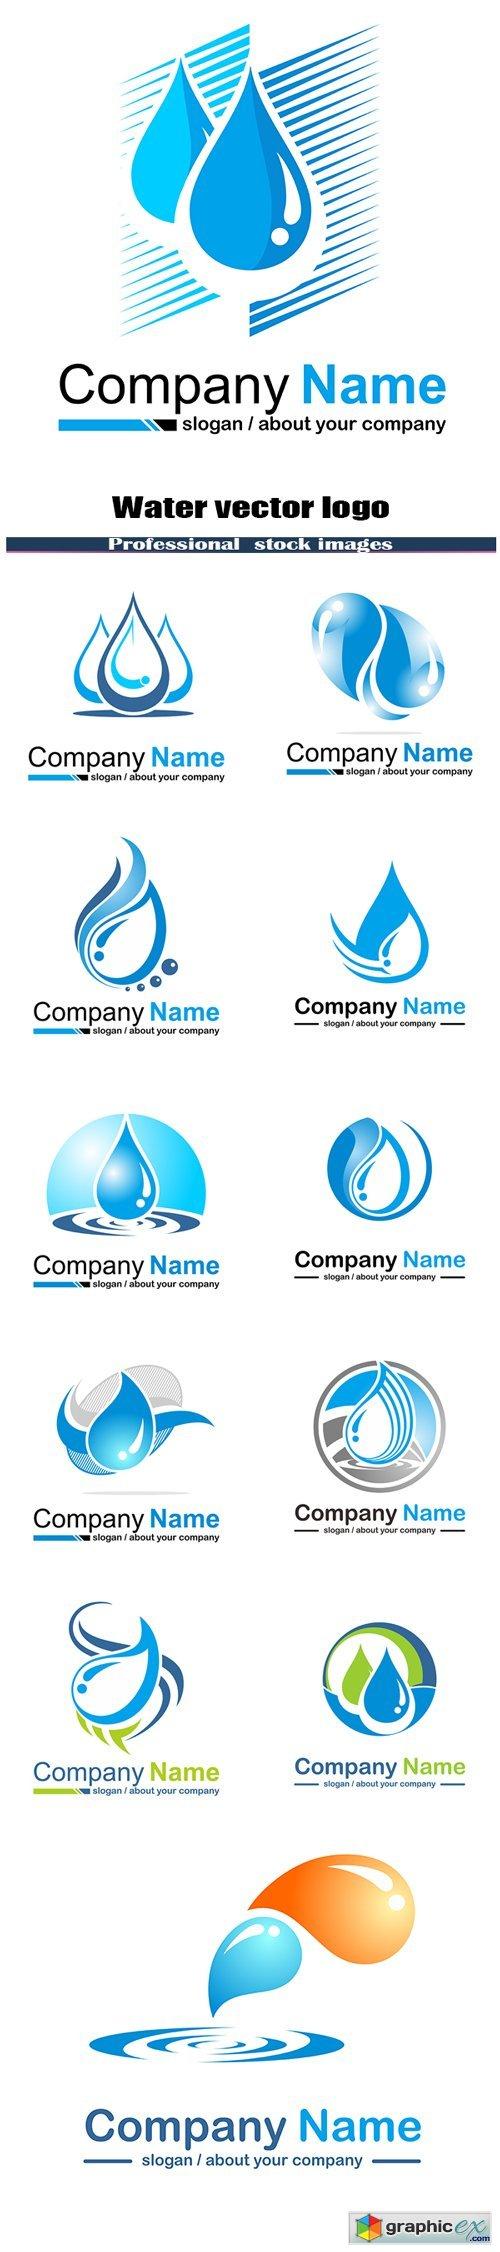 Water vector logo